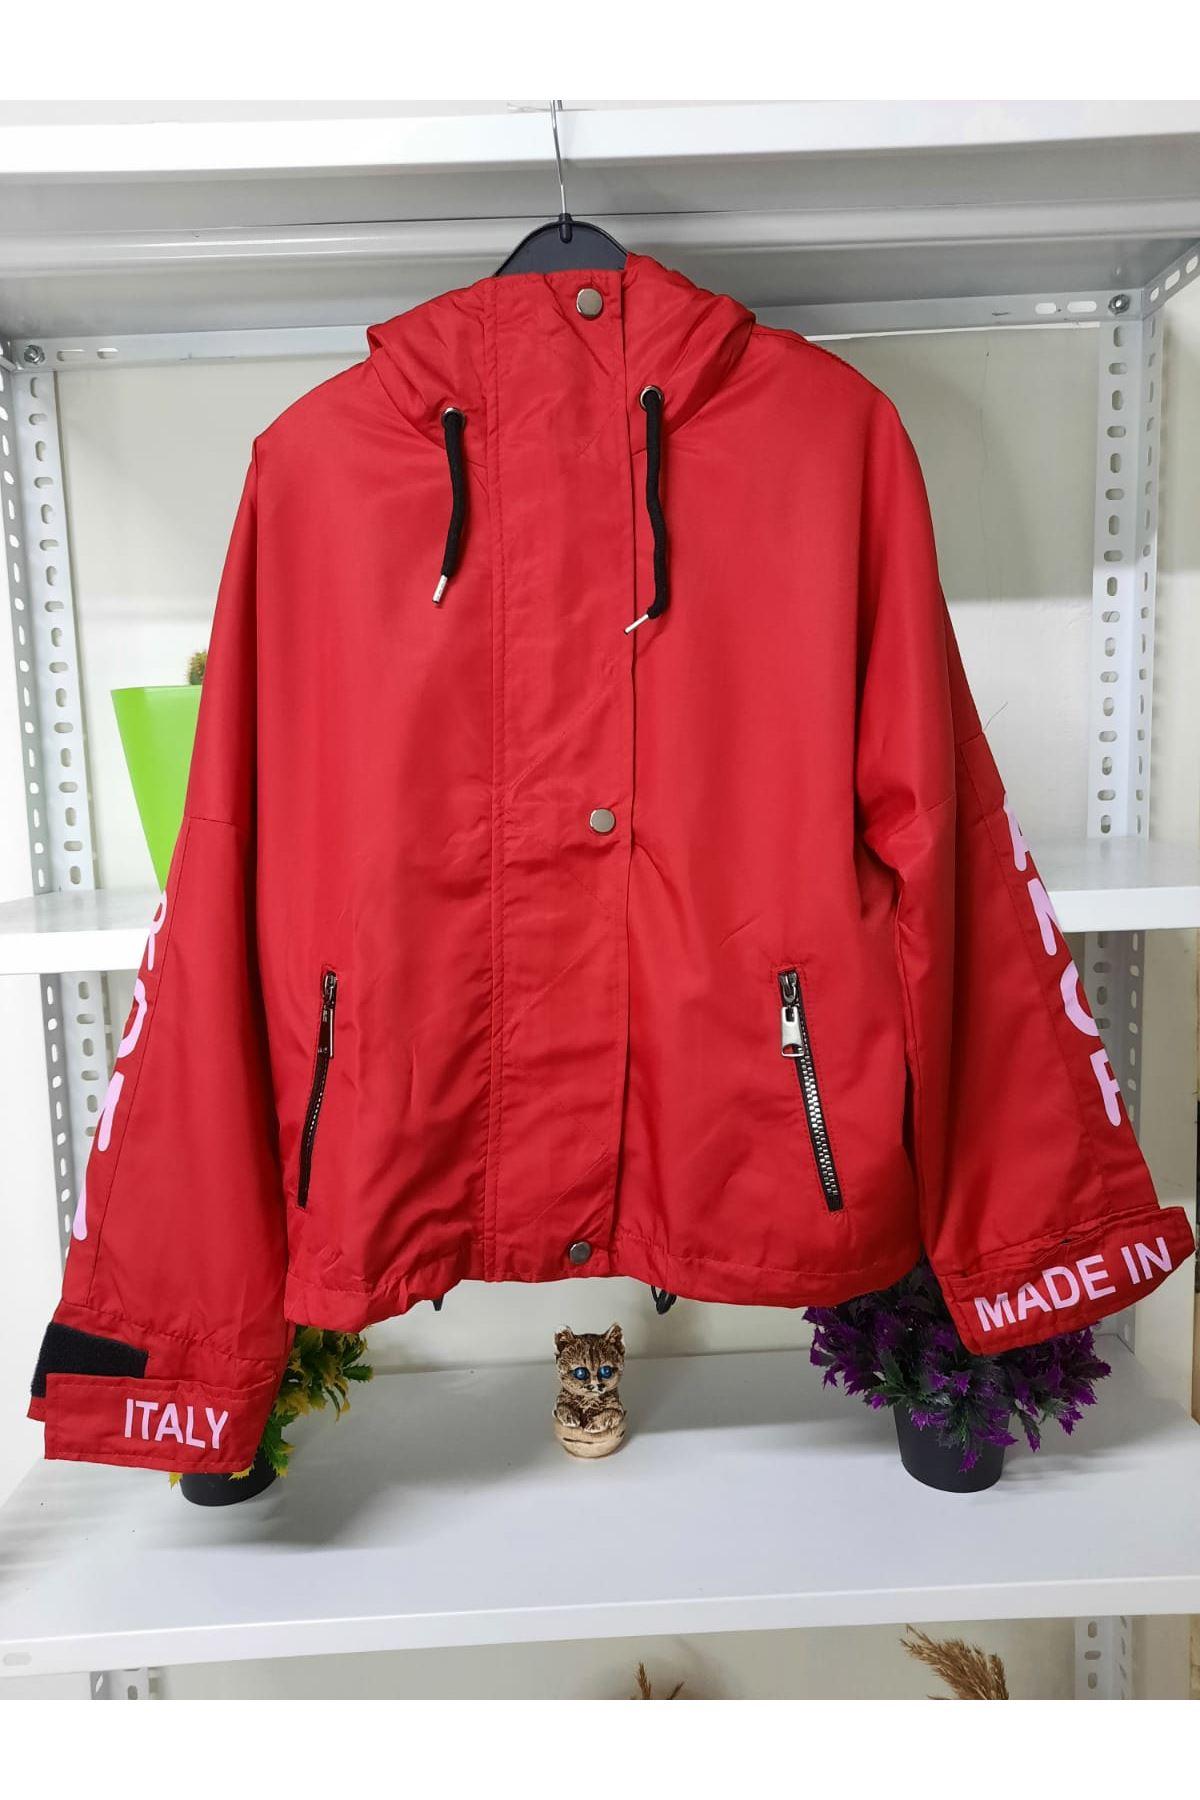 FF Kapüşonlu Yağmurluk - kırmızı